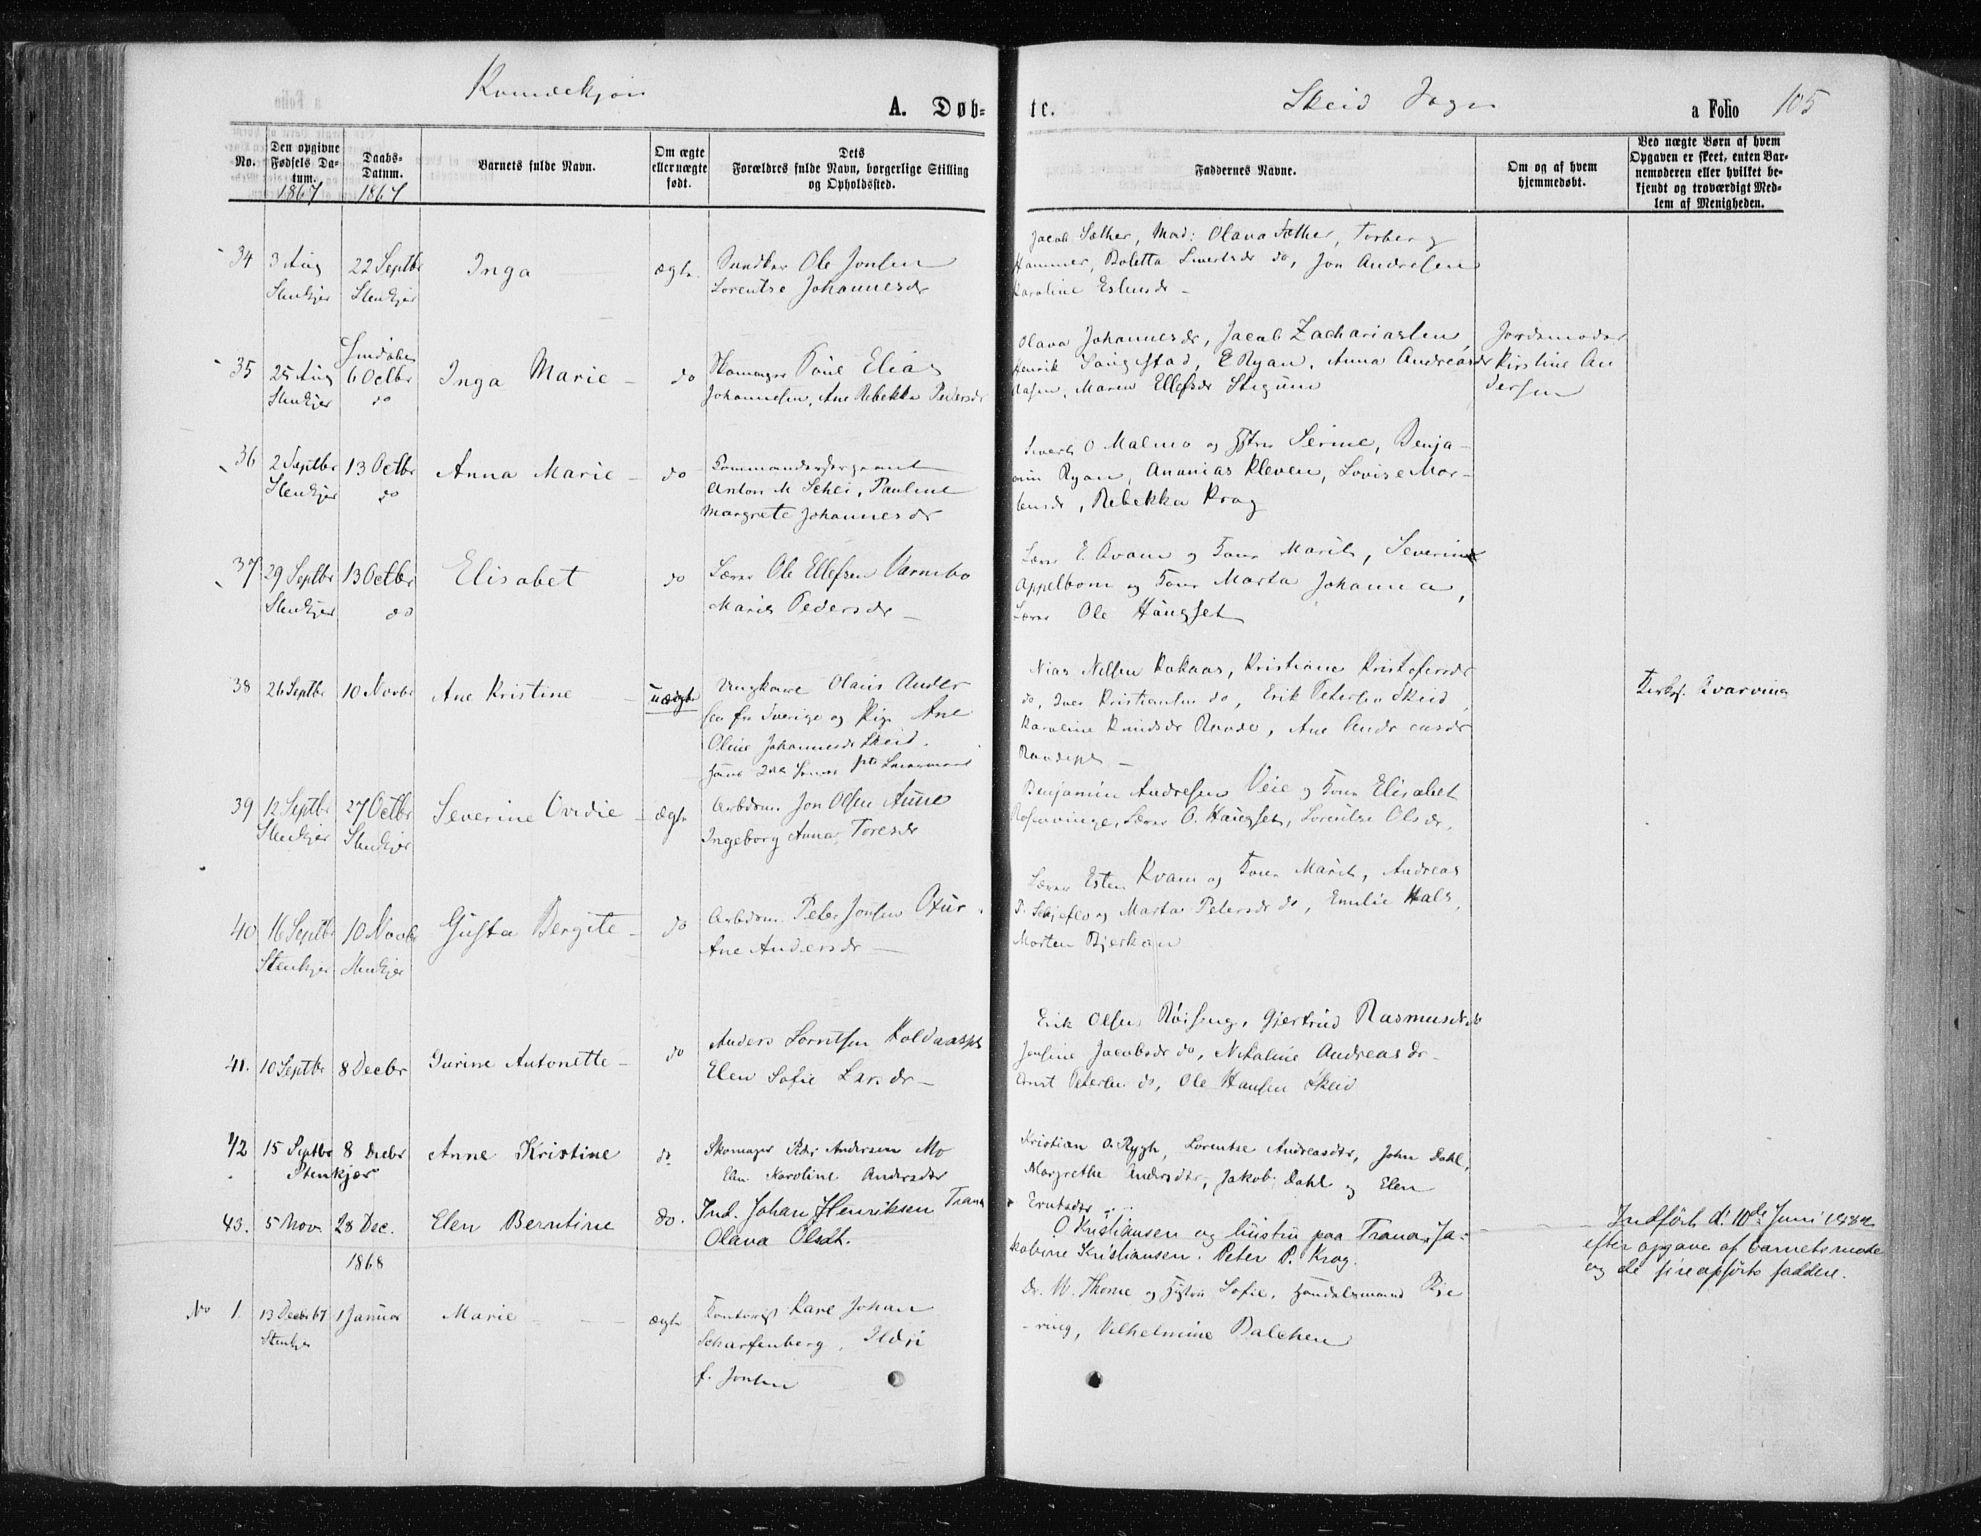 SAT, Ministerialprotokoller, klokkerbøker og fødselsregistre - Nord-Trøndelag, 735/L0345: Ministerialbok nr. 735A08 /2, 1863-1872, s. 105